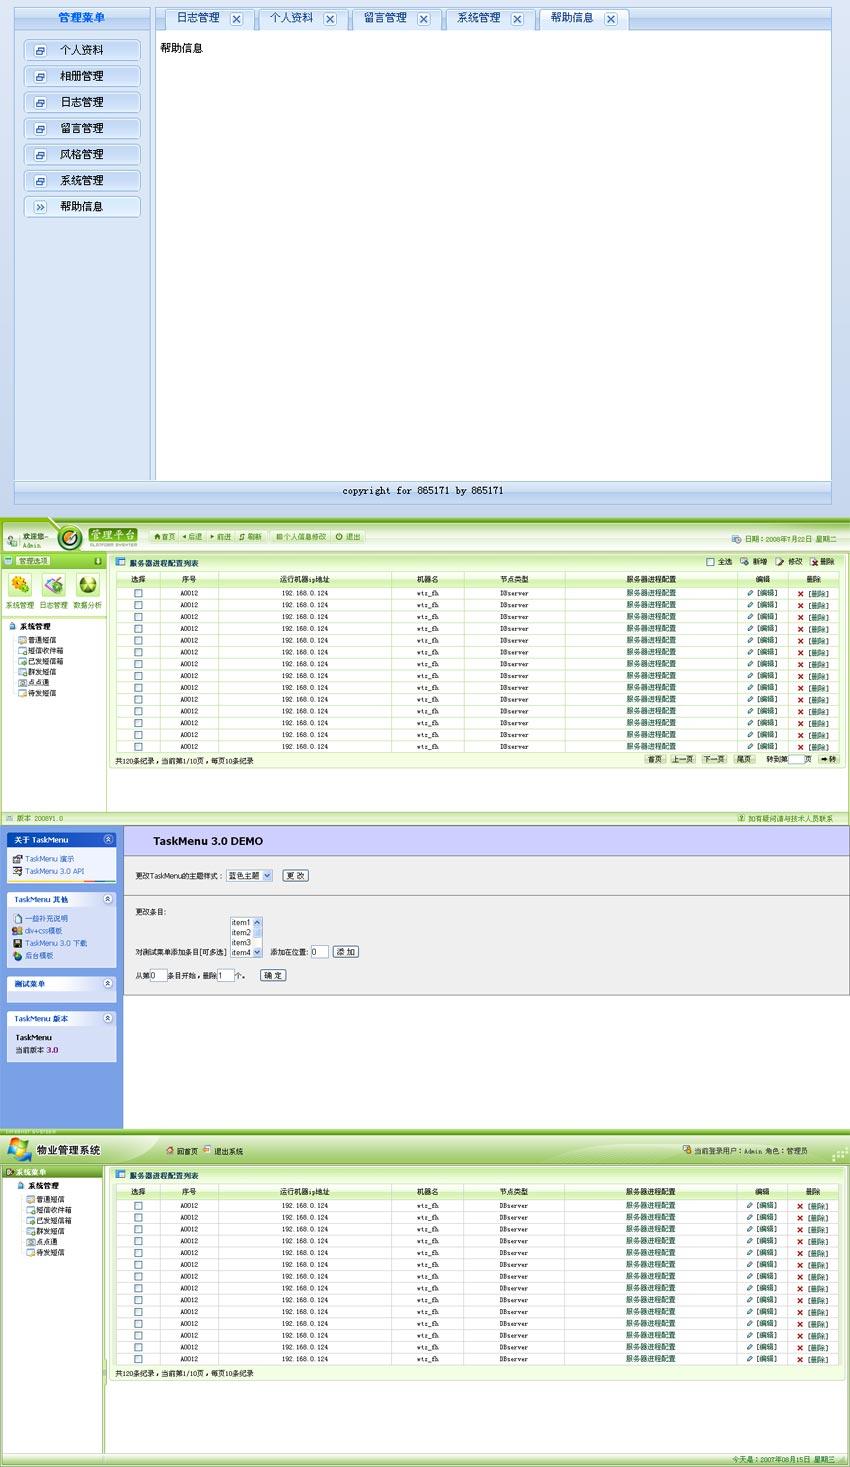 多款简单的企业后台管理系统模板html源码下载